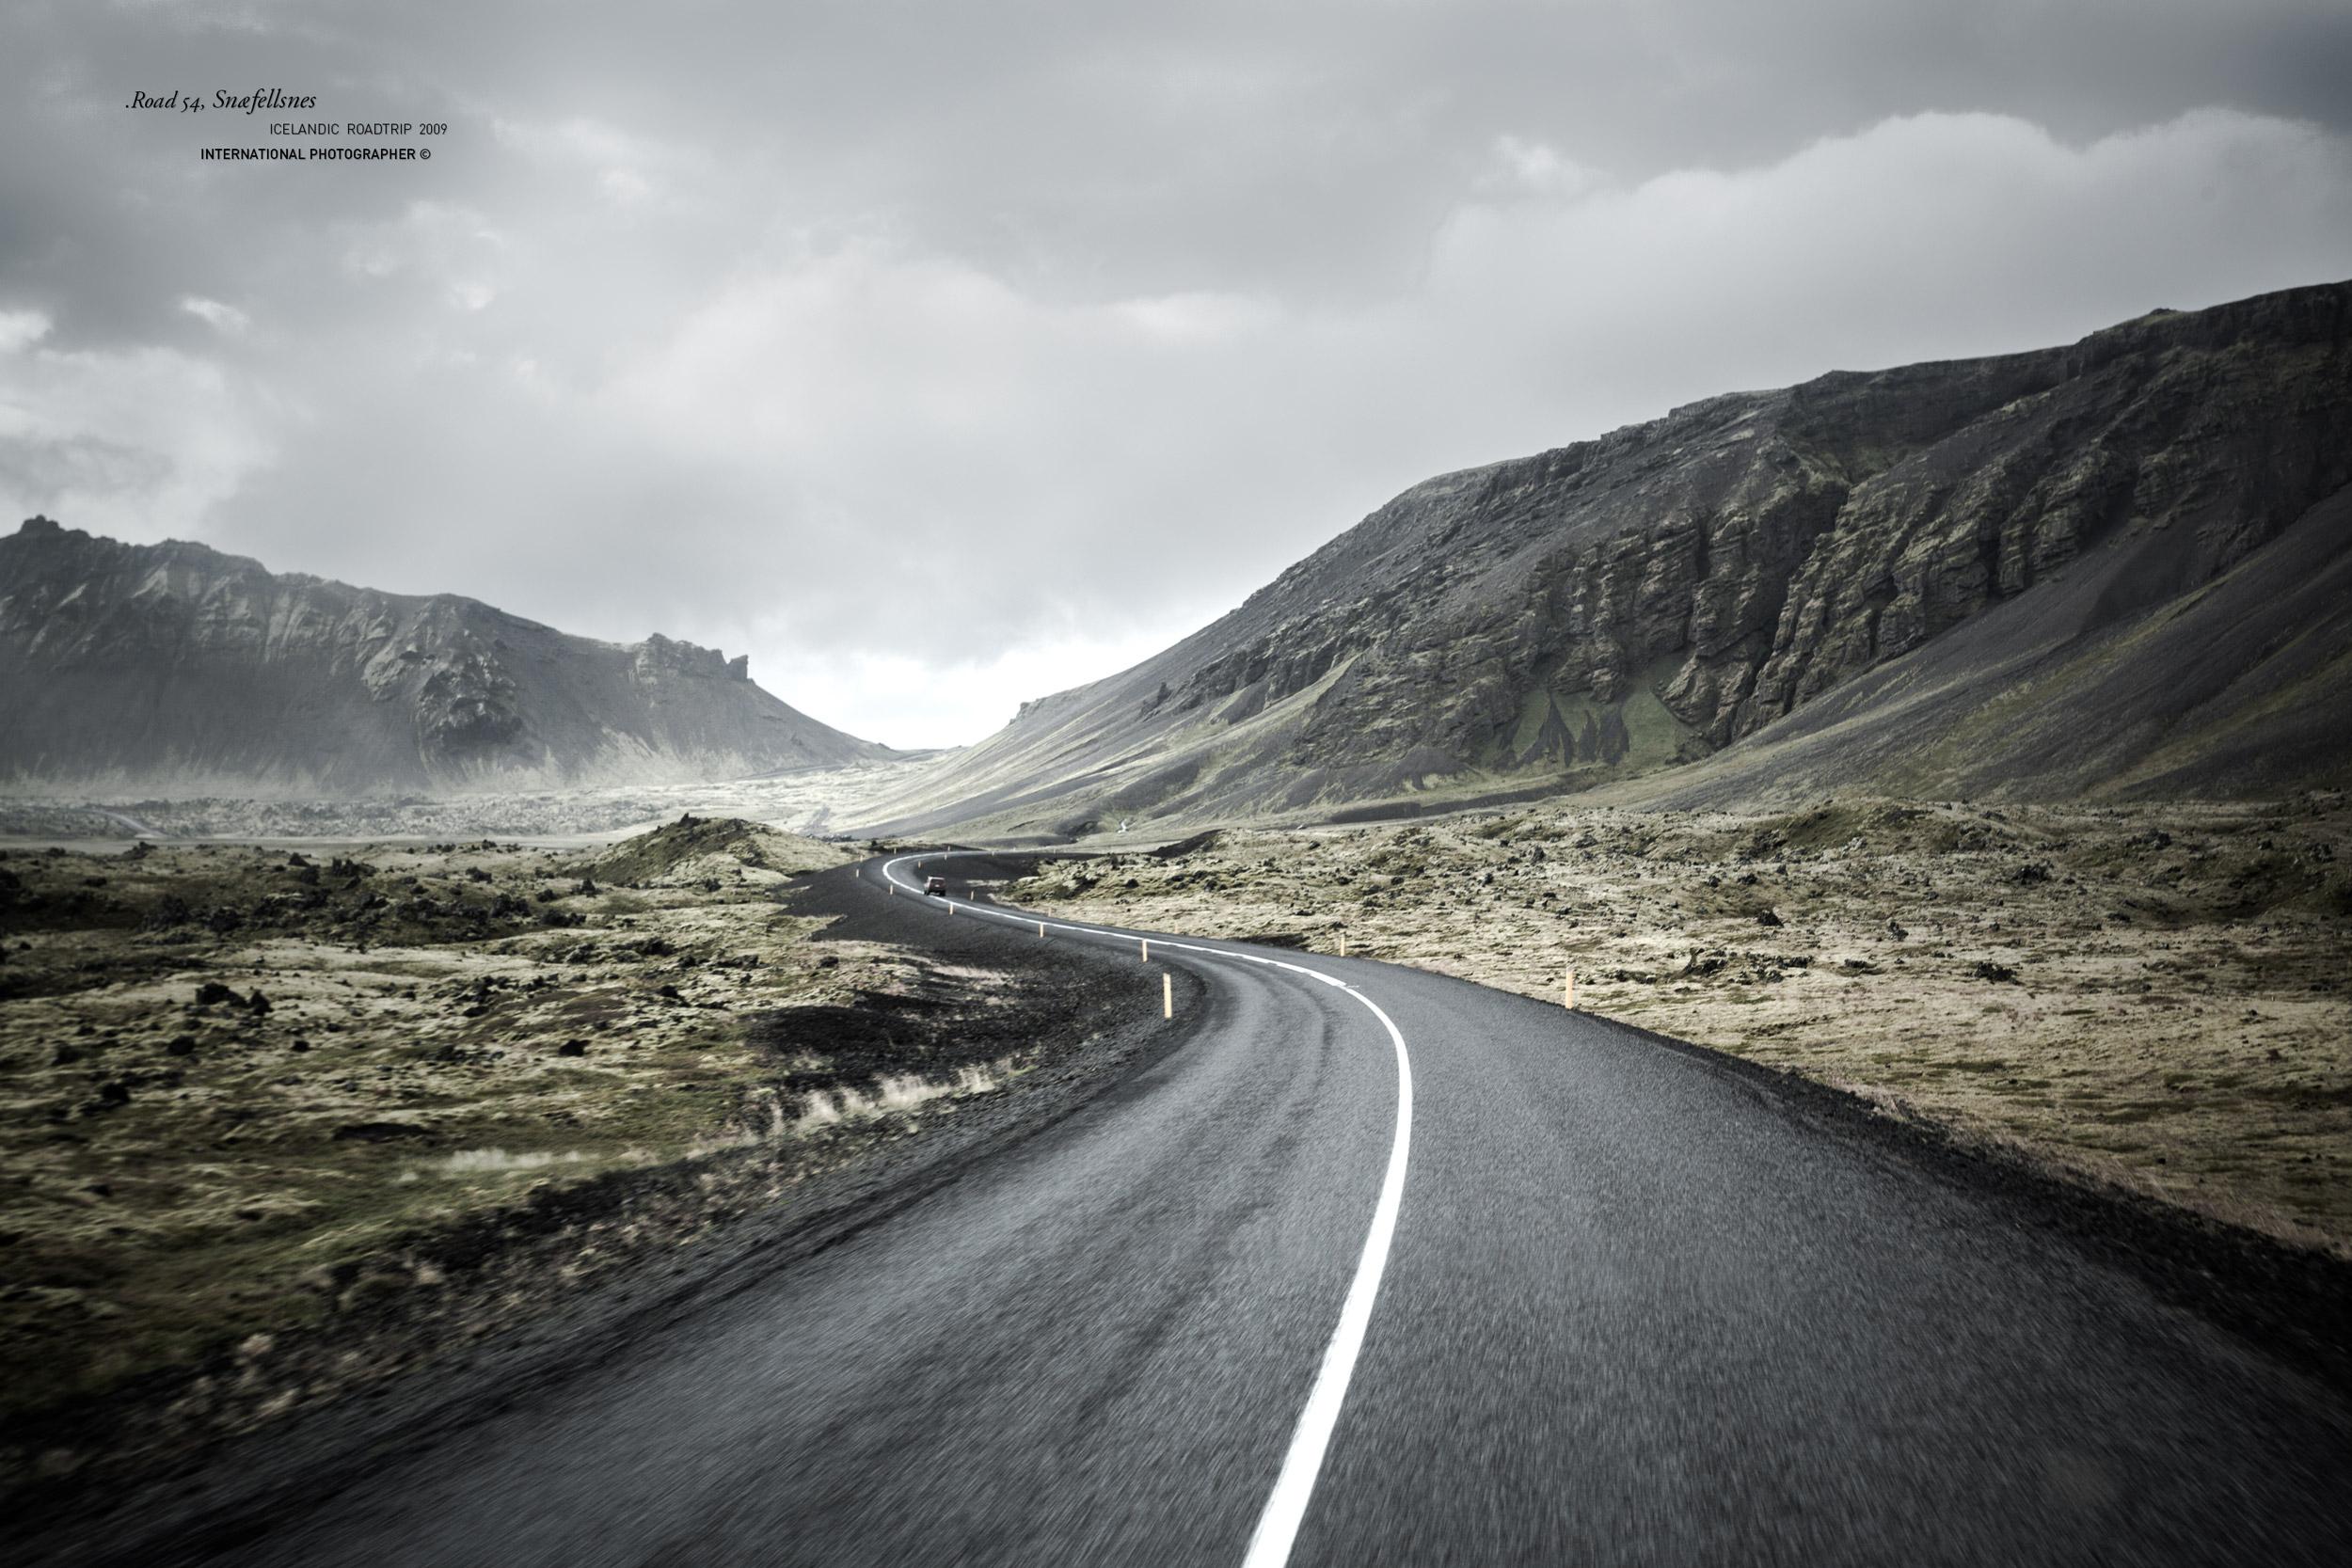 La route 54 qui fait le tour de la péninsule de Snaefellsnes